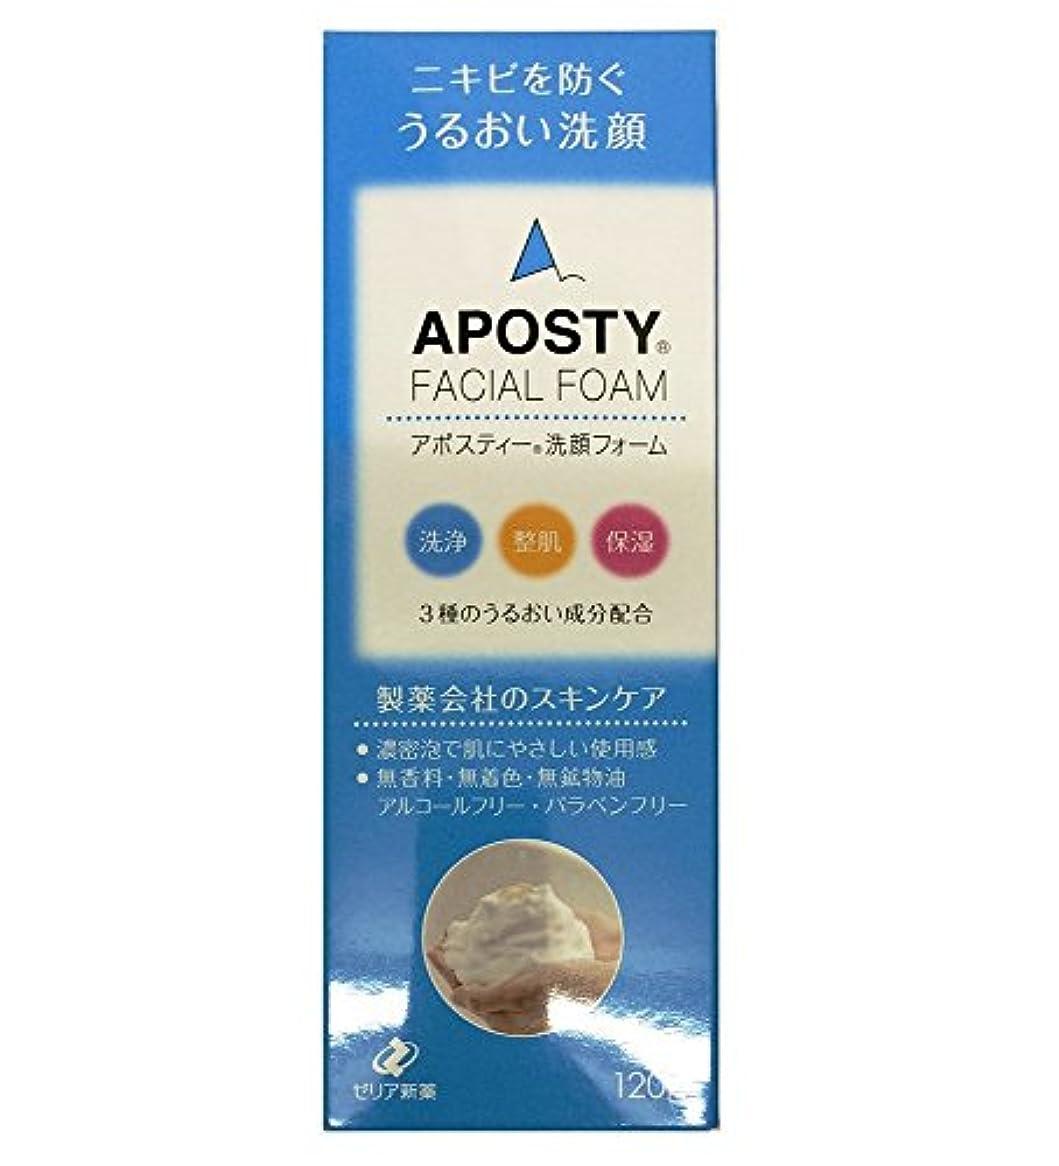 野なスパイラルマウントバンクゼリア新薬工業 アポスティー 洗顔フォーム 120g